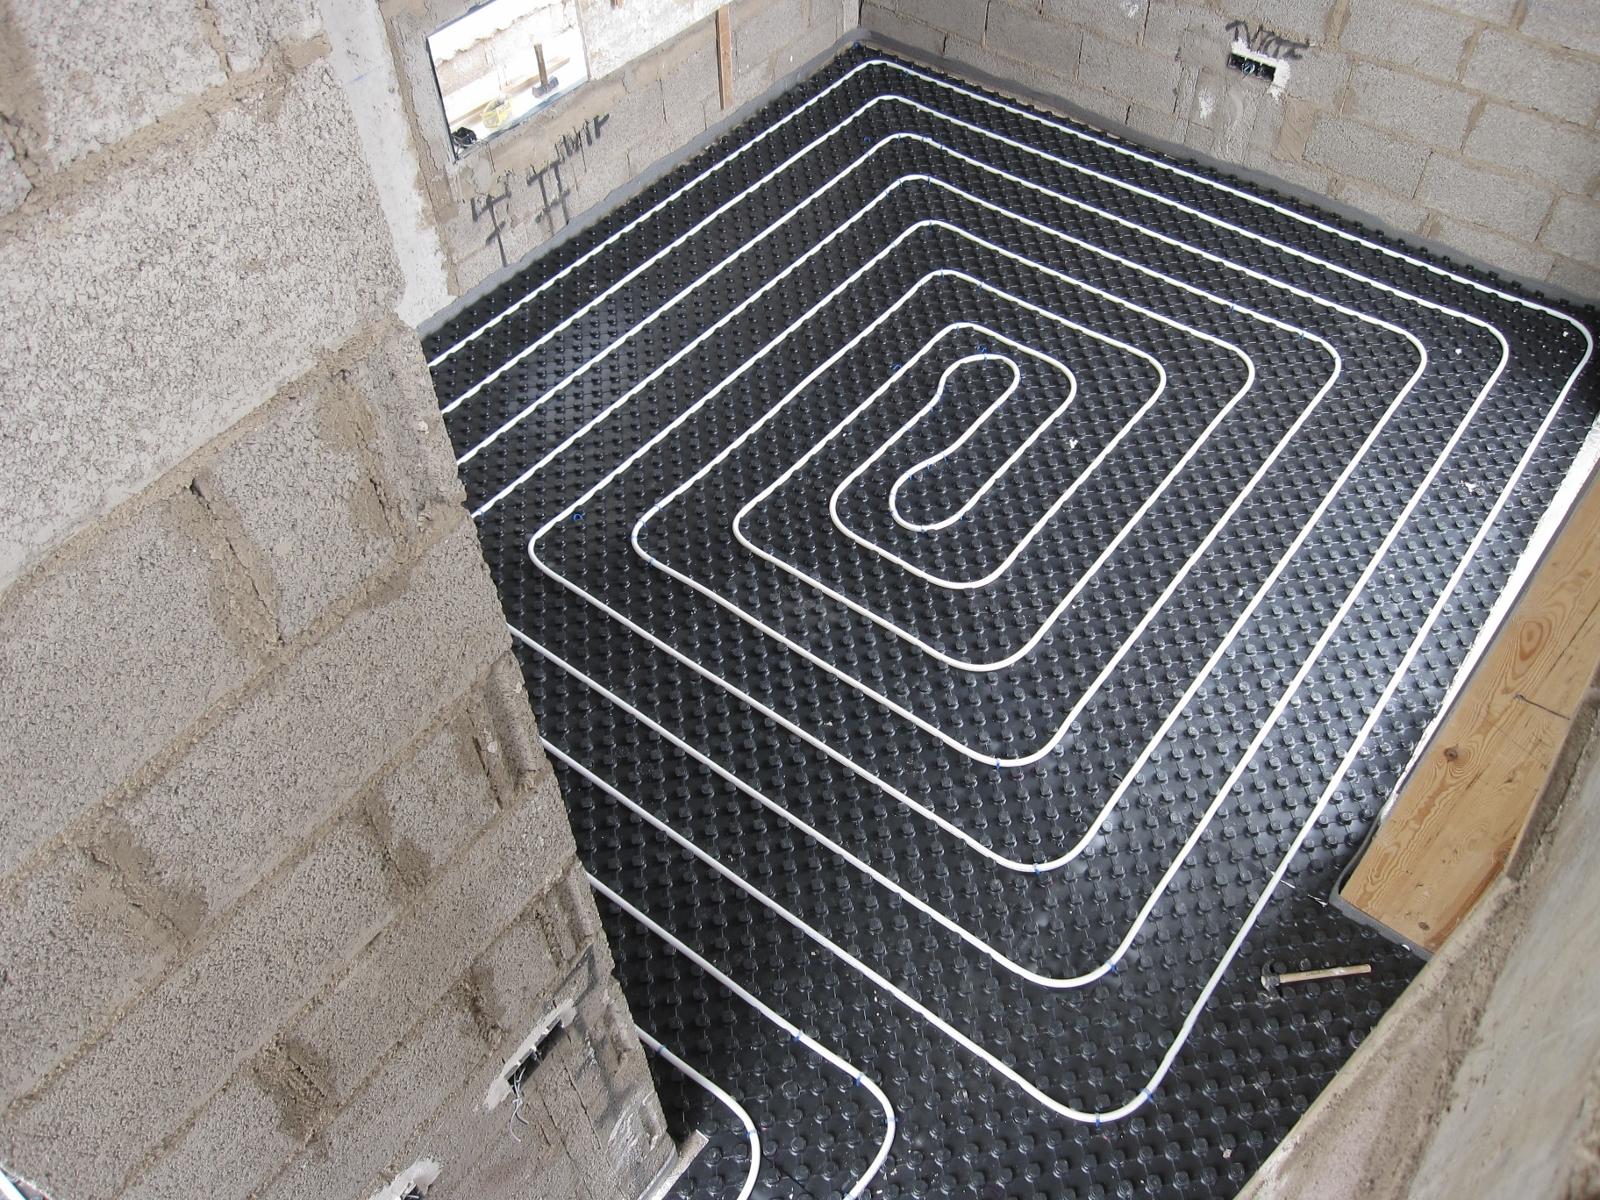 Galer a de calefacci n por suelo radiante gastensolar - Calefaccion por suelo radiante ...